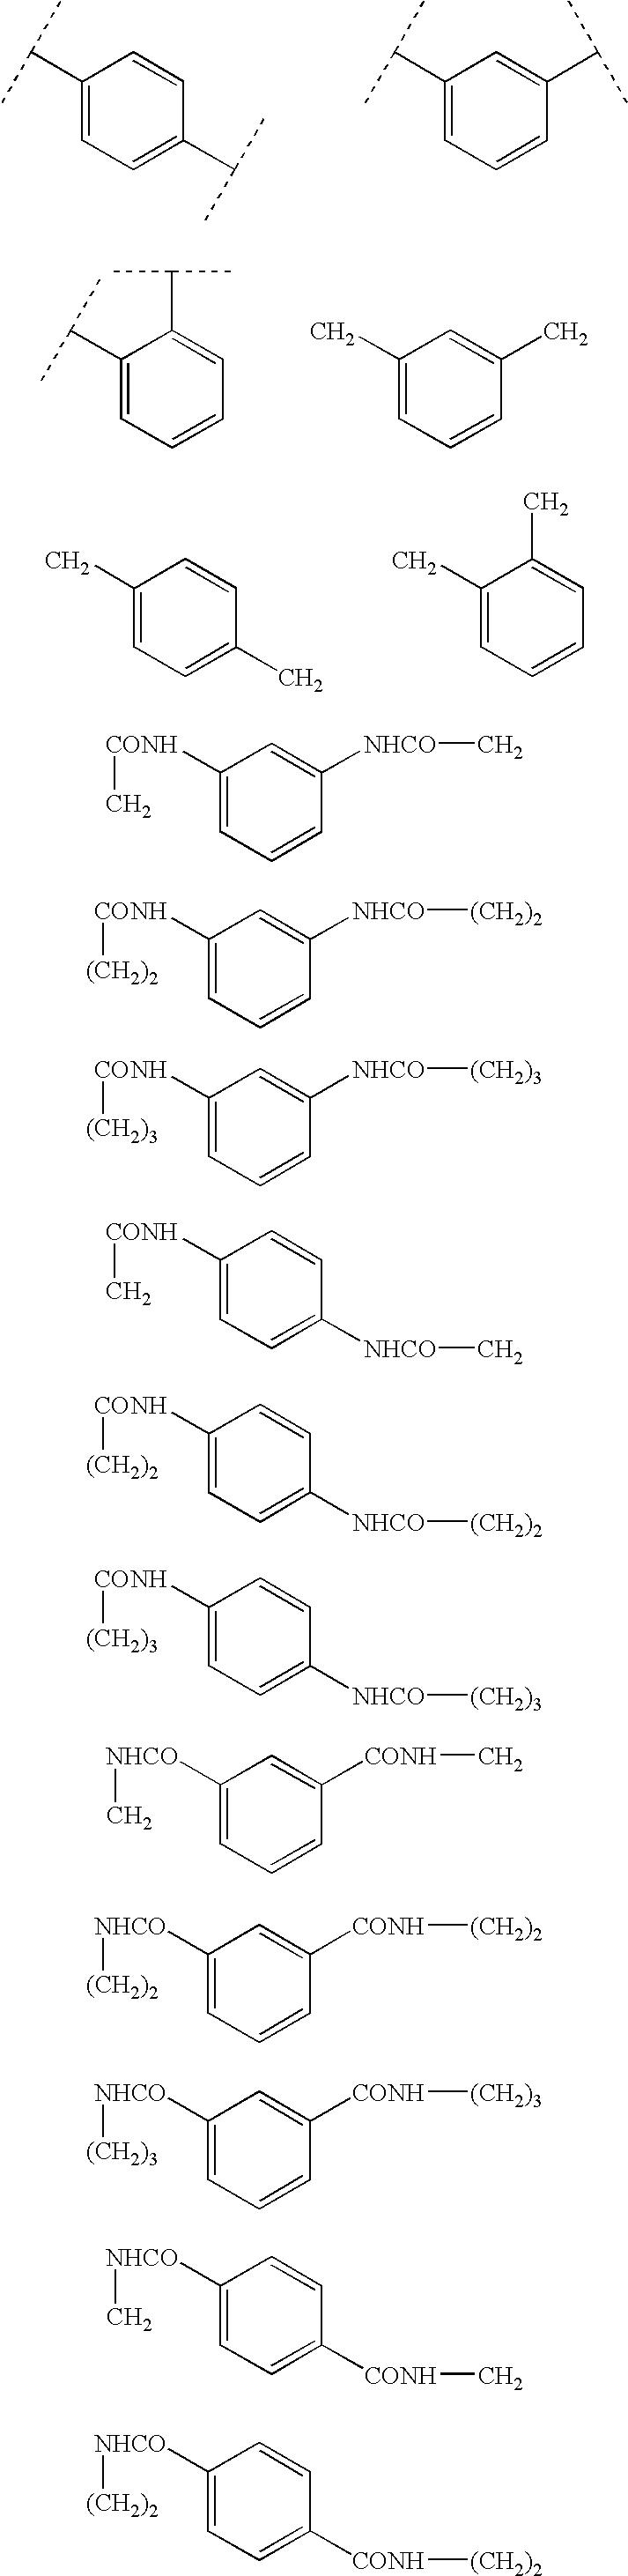 Figure US20050008594A1-20050113-C00010